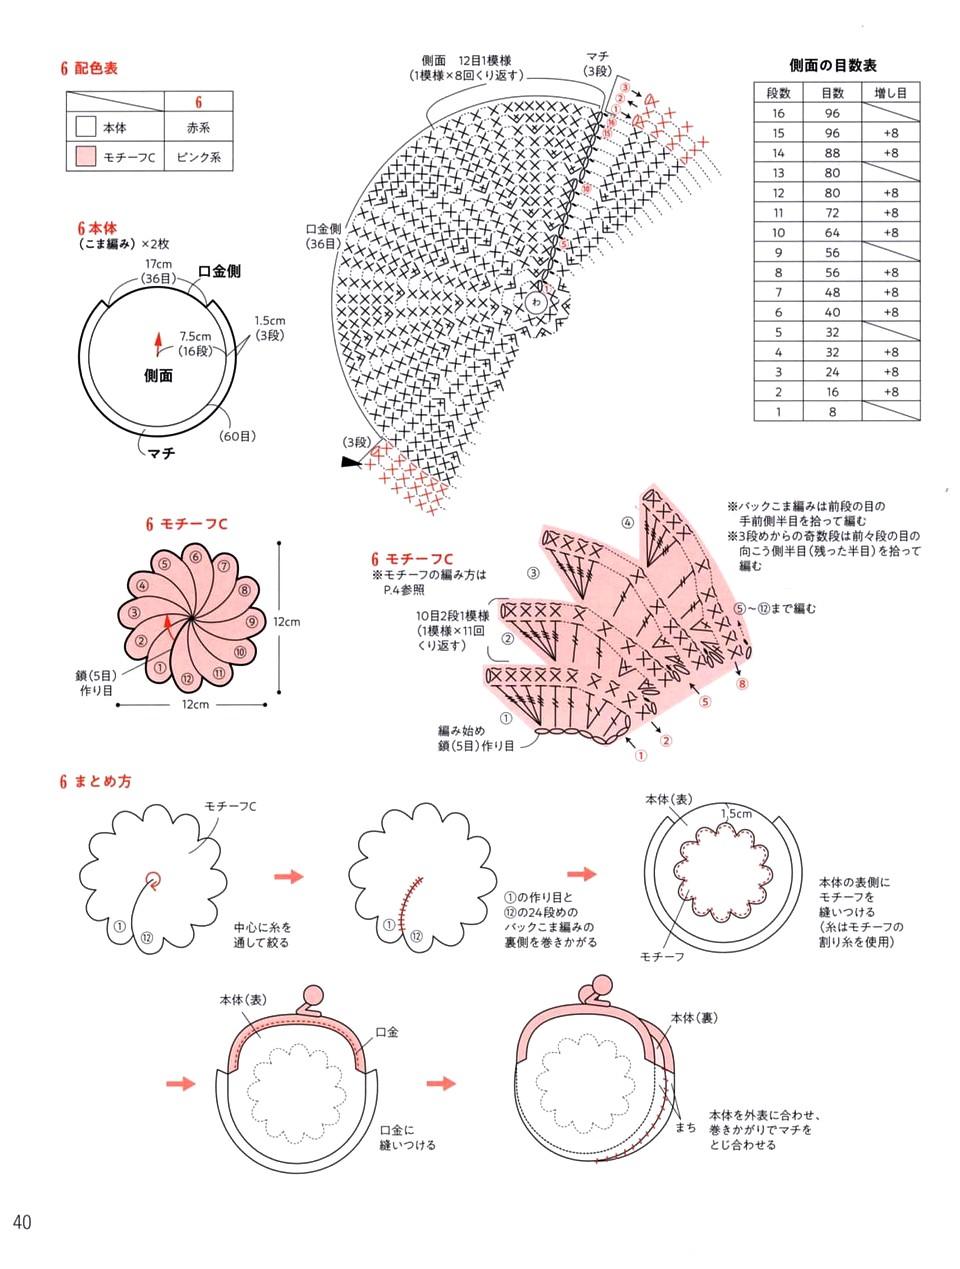 708 AO Spiral Knit 18-41